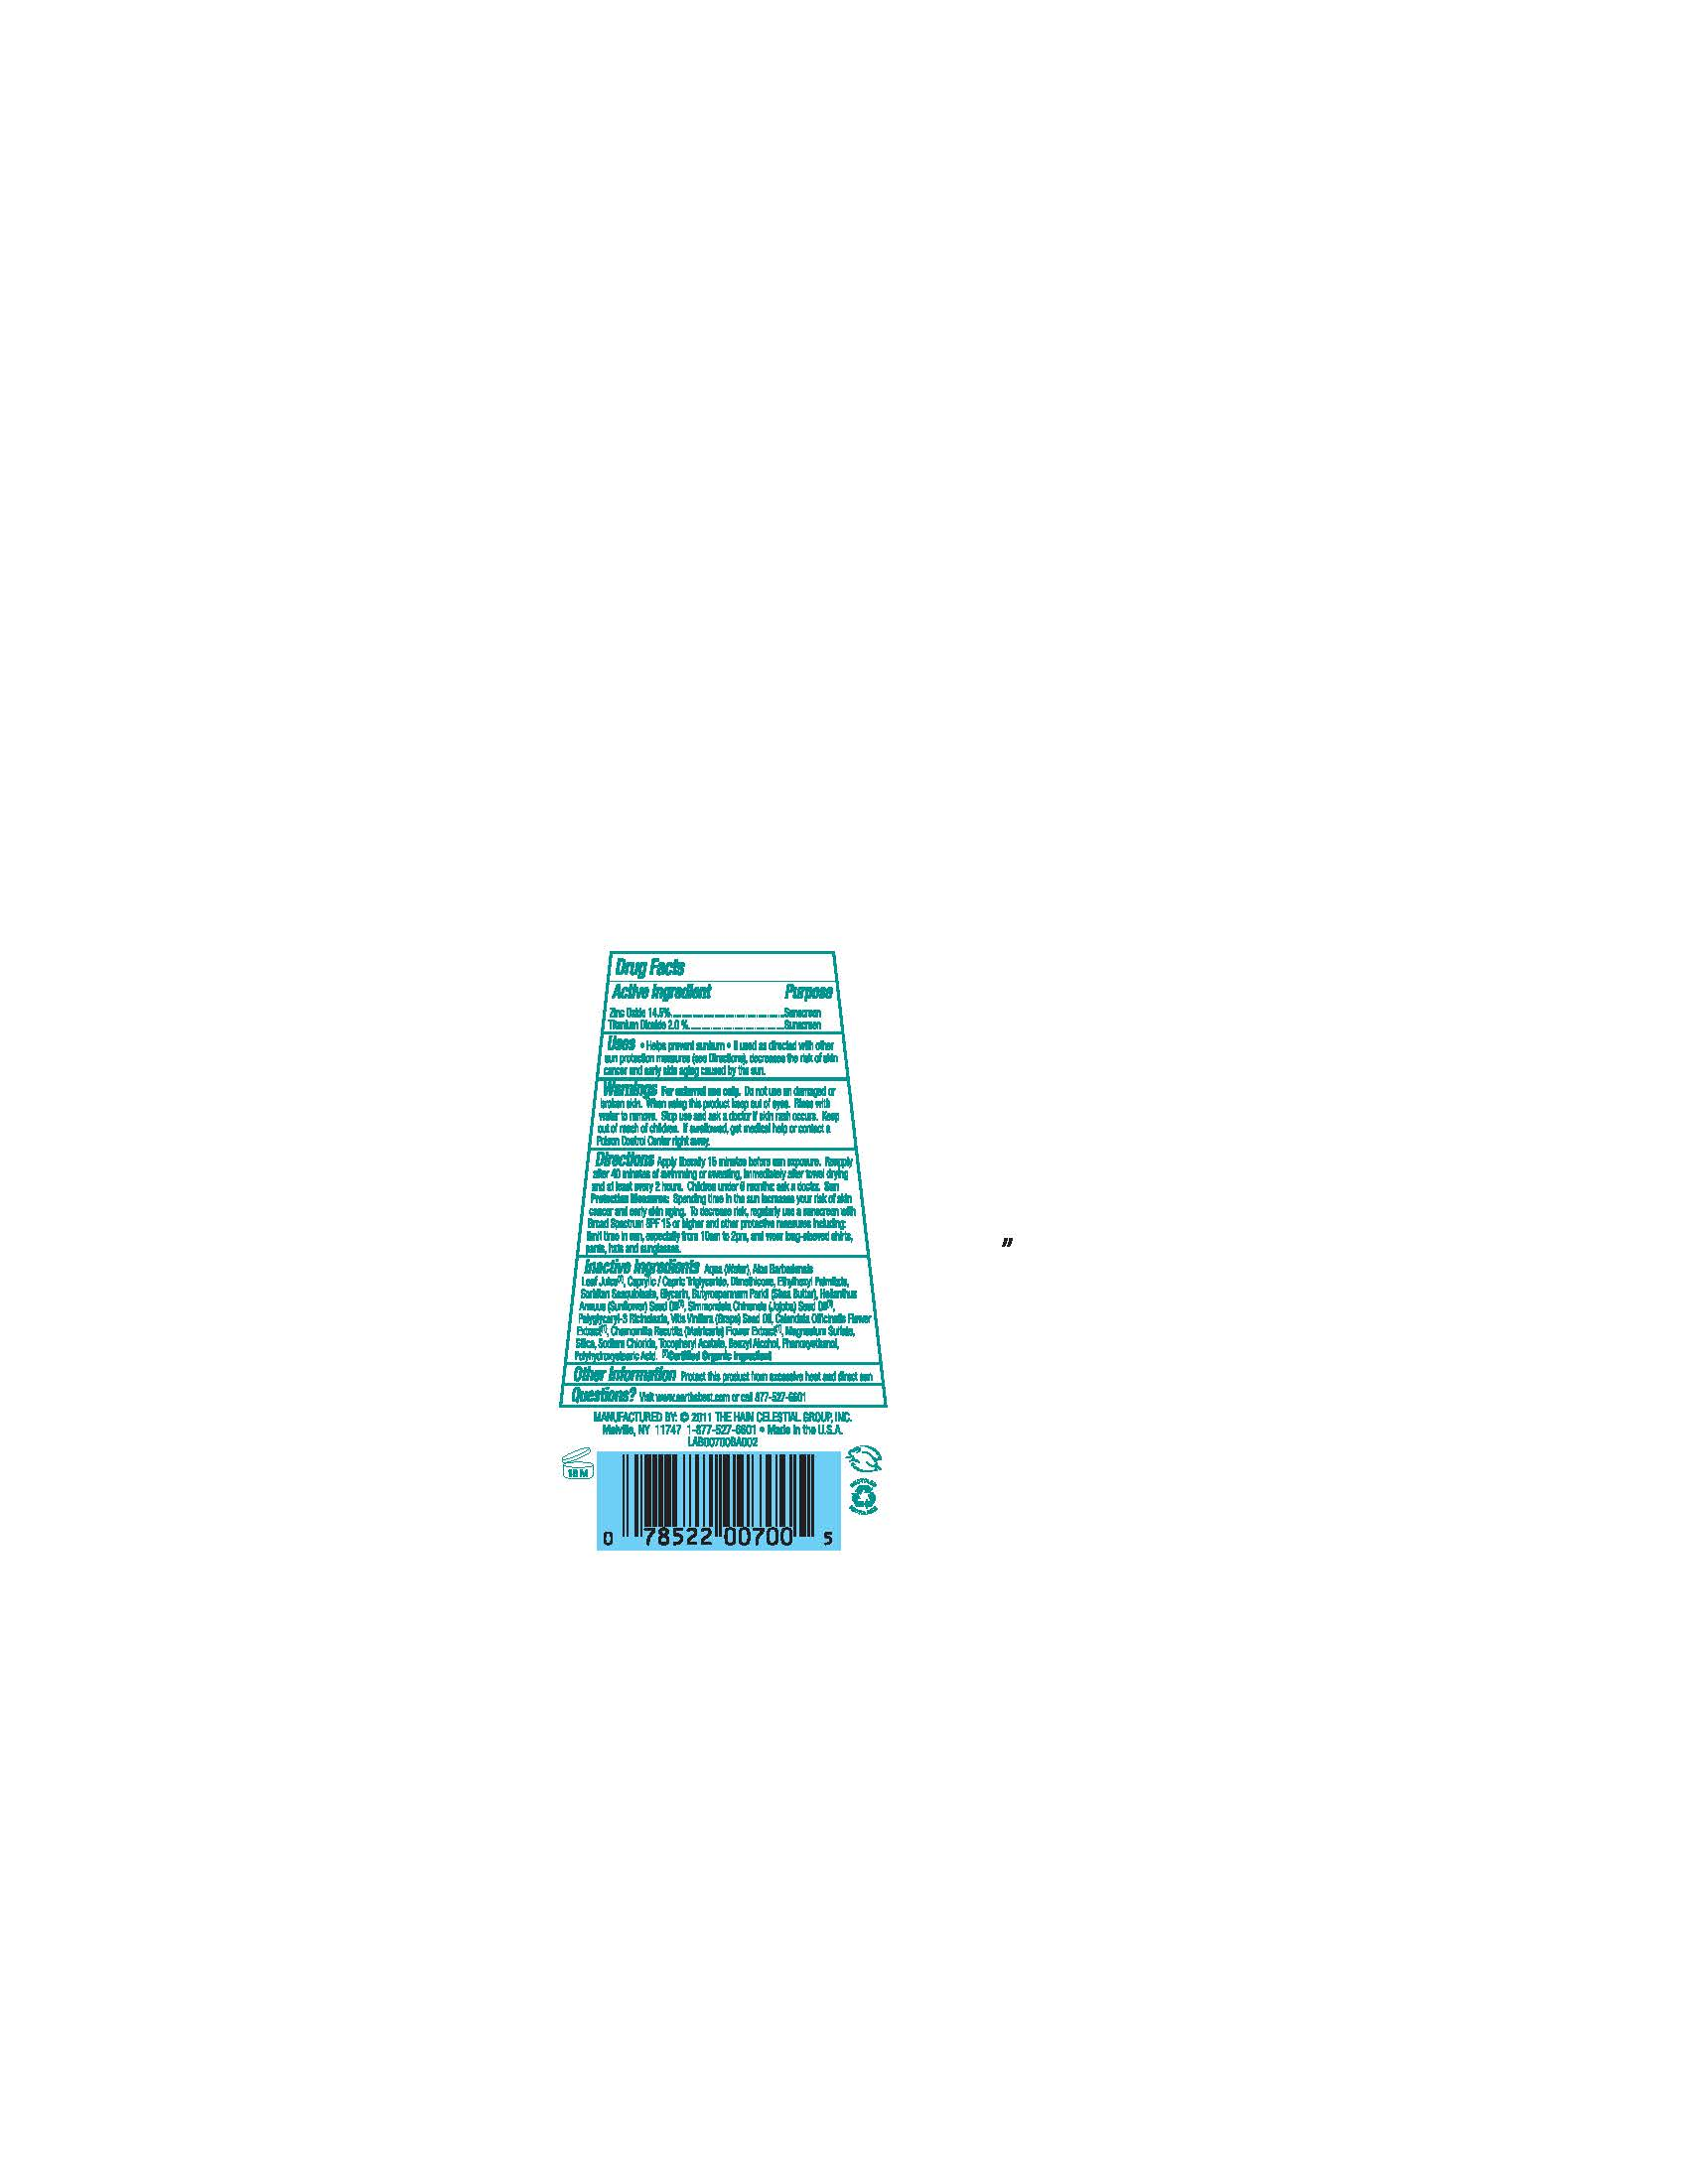 image of bottle back label